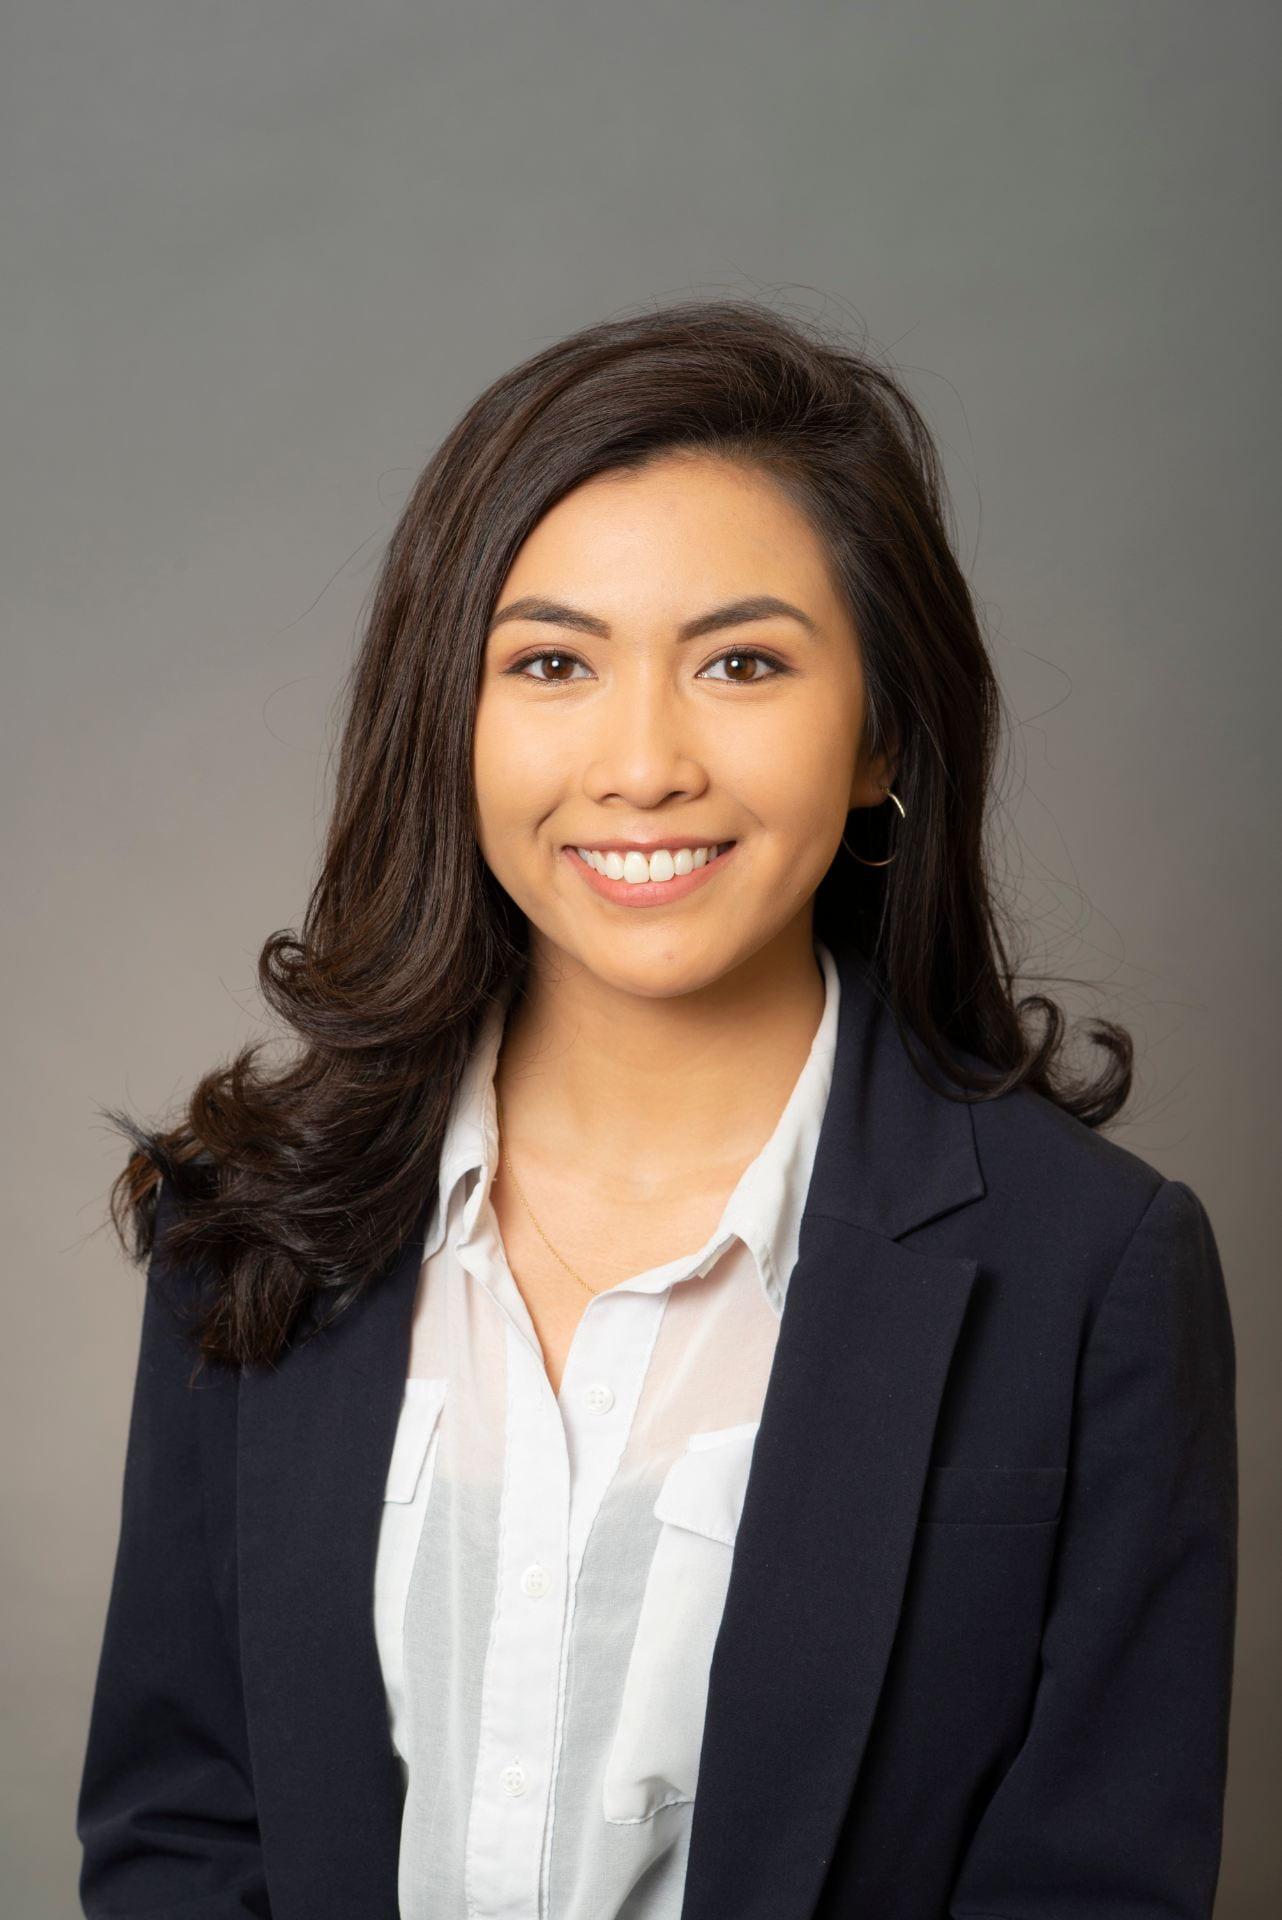 Danielle Manahan